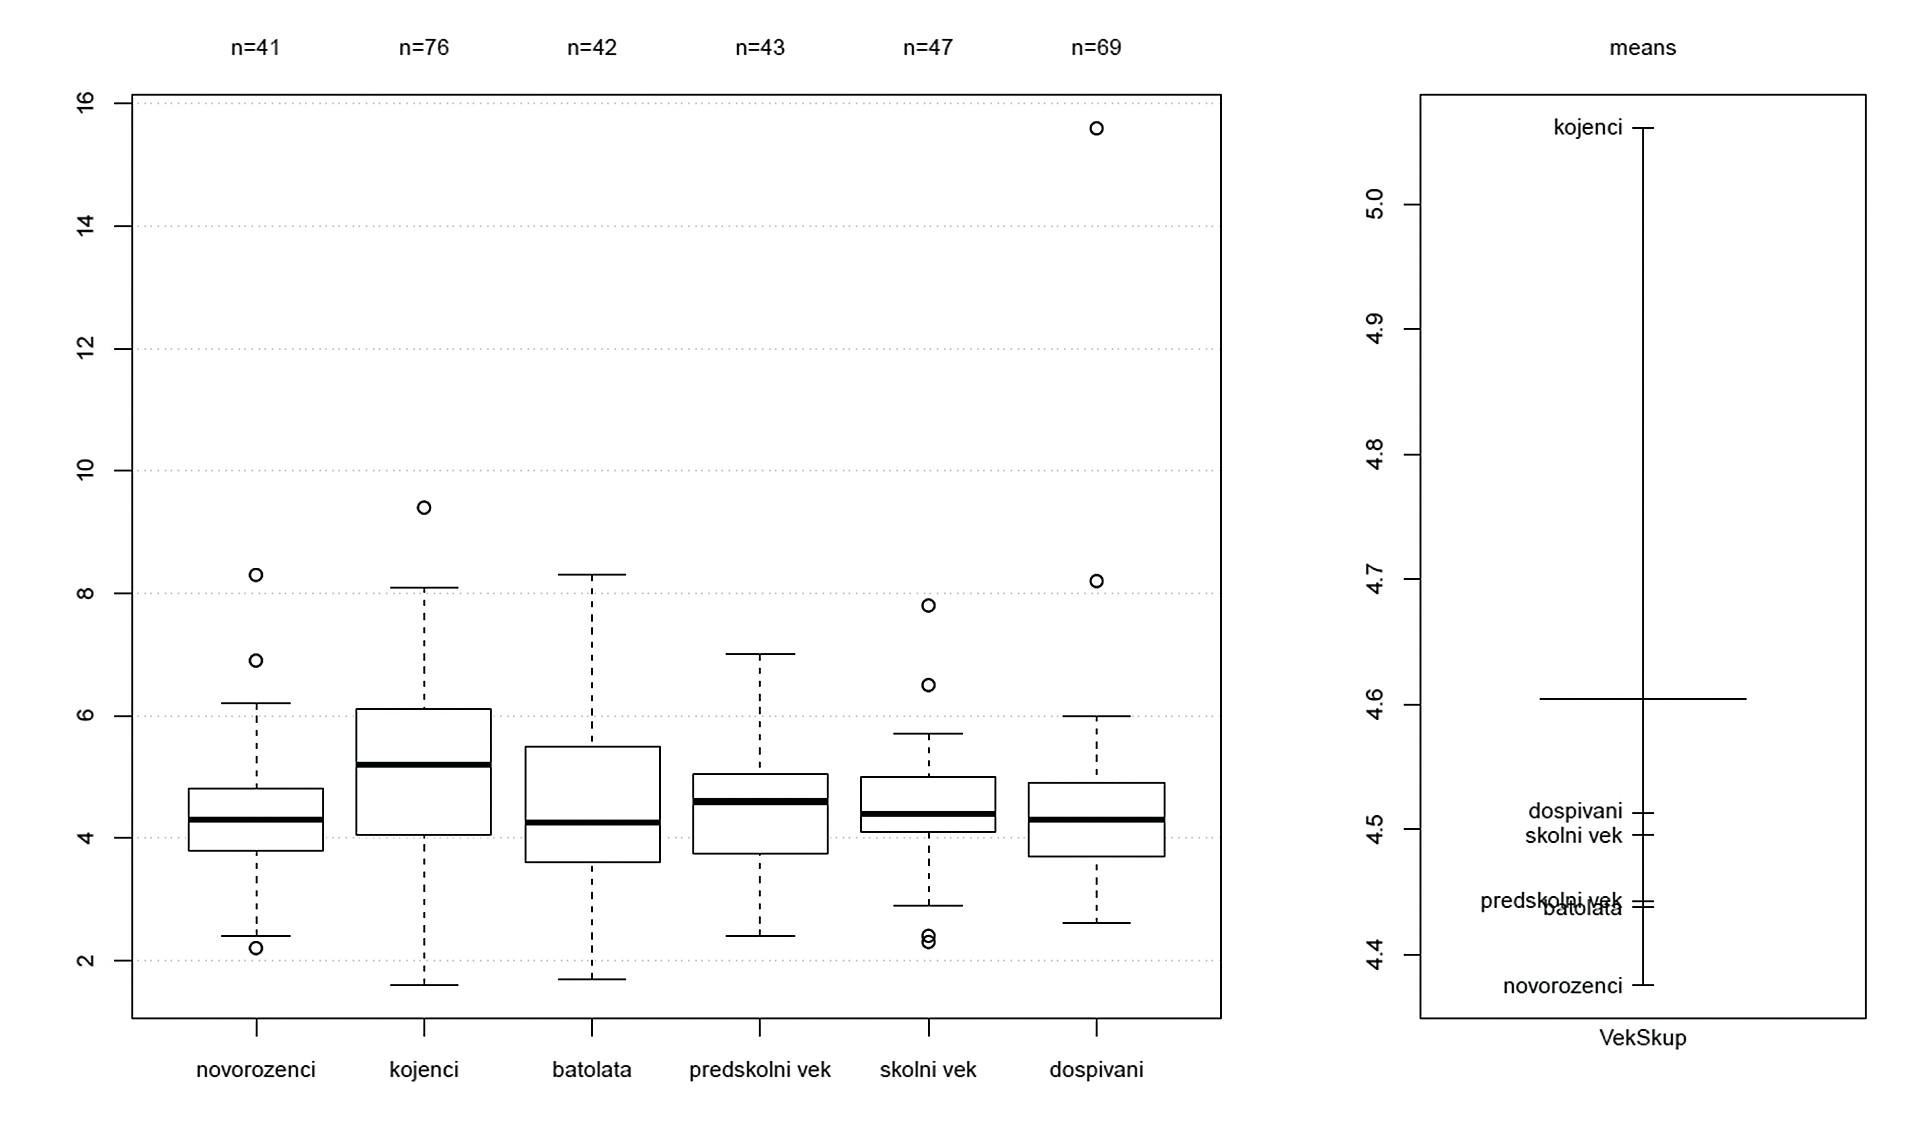 Hodnota glykémie před operací u jednotlivých věkových skupin